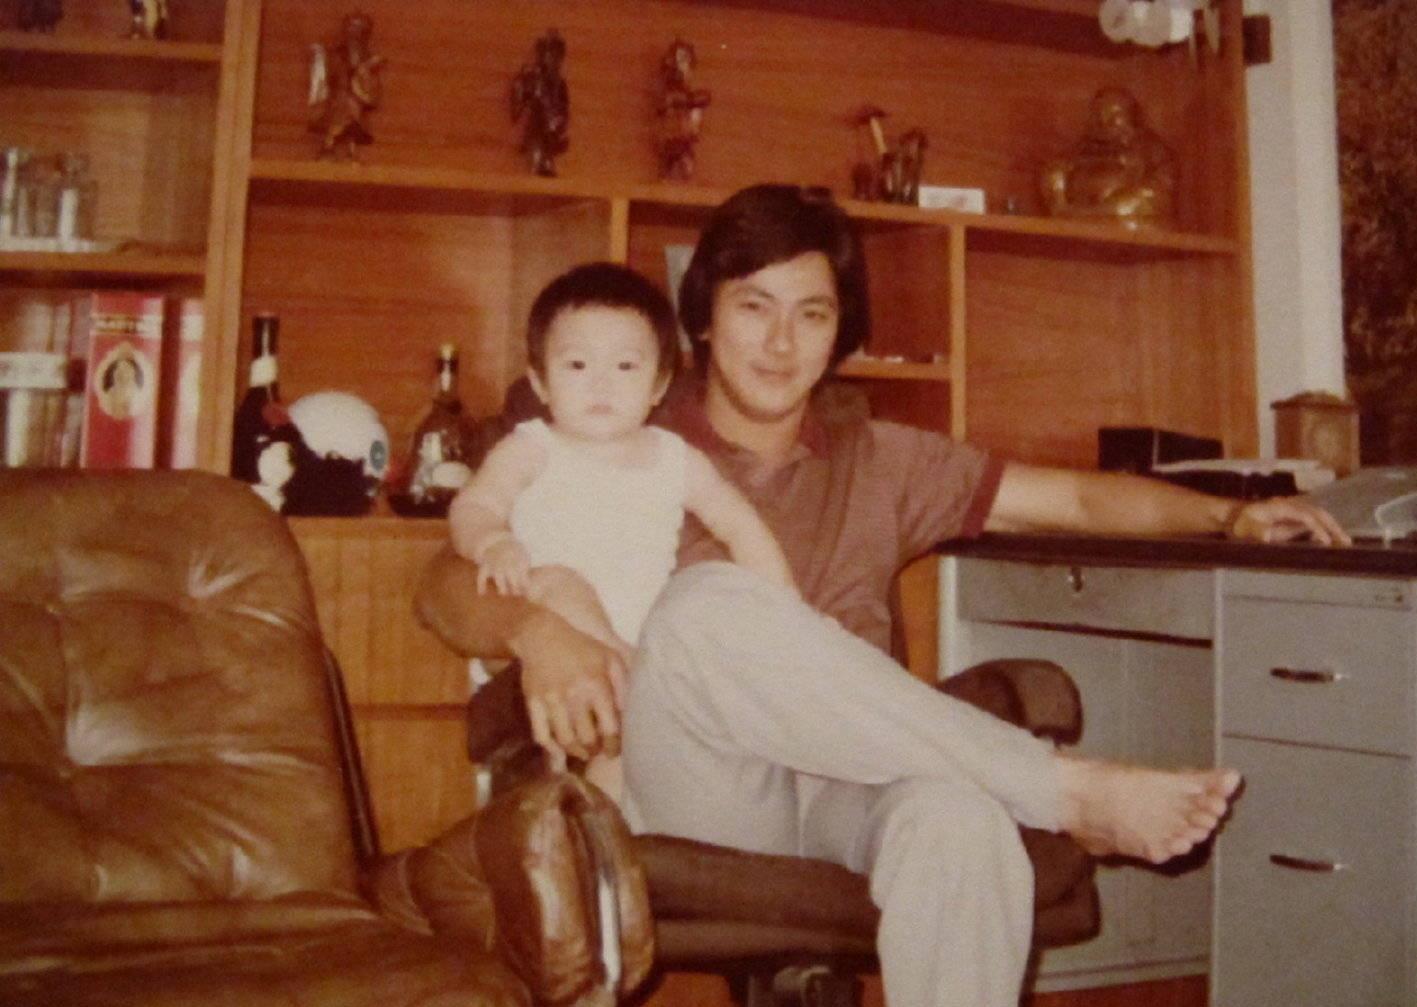 吴尊带72岁爸爸上节目,吴爸爸年轻时候也帅气,父子动作神同步